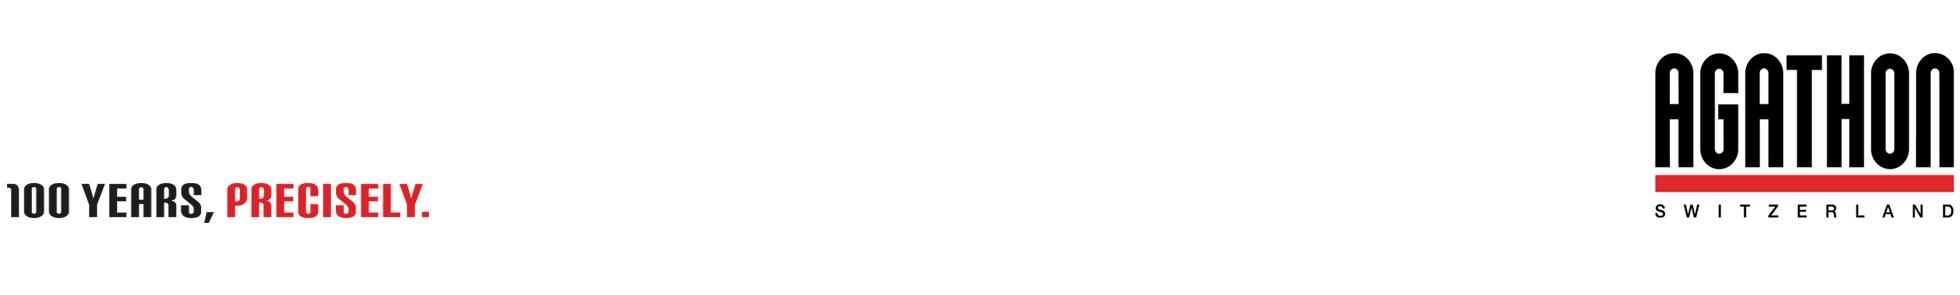 Newsletter_Jubi_Claim + Logo